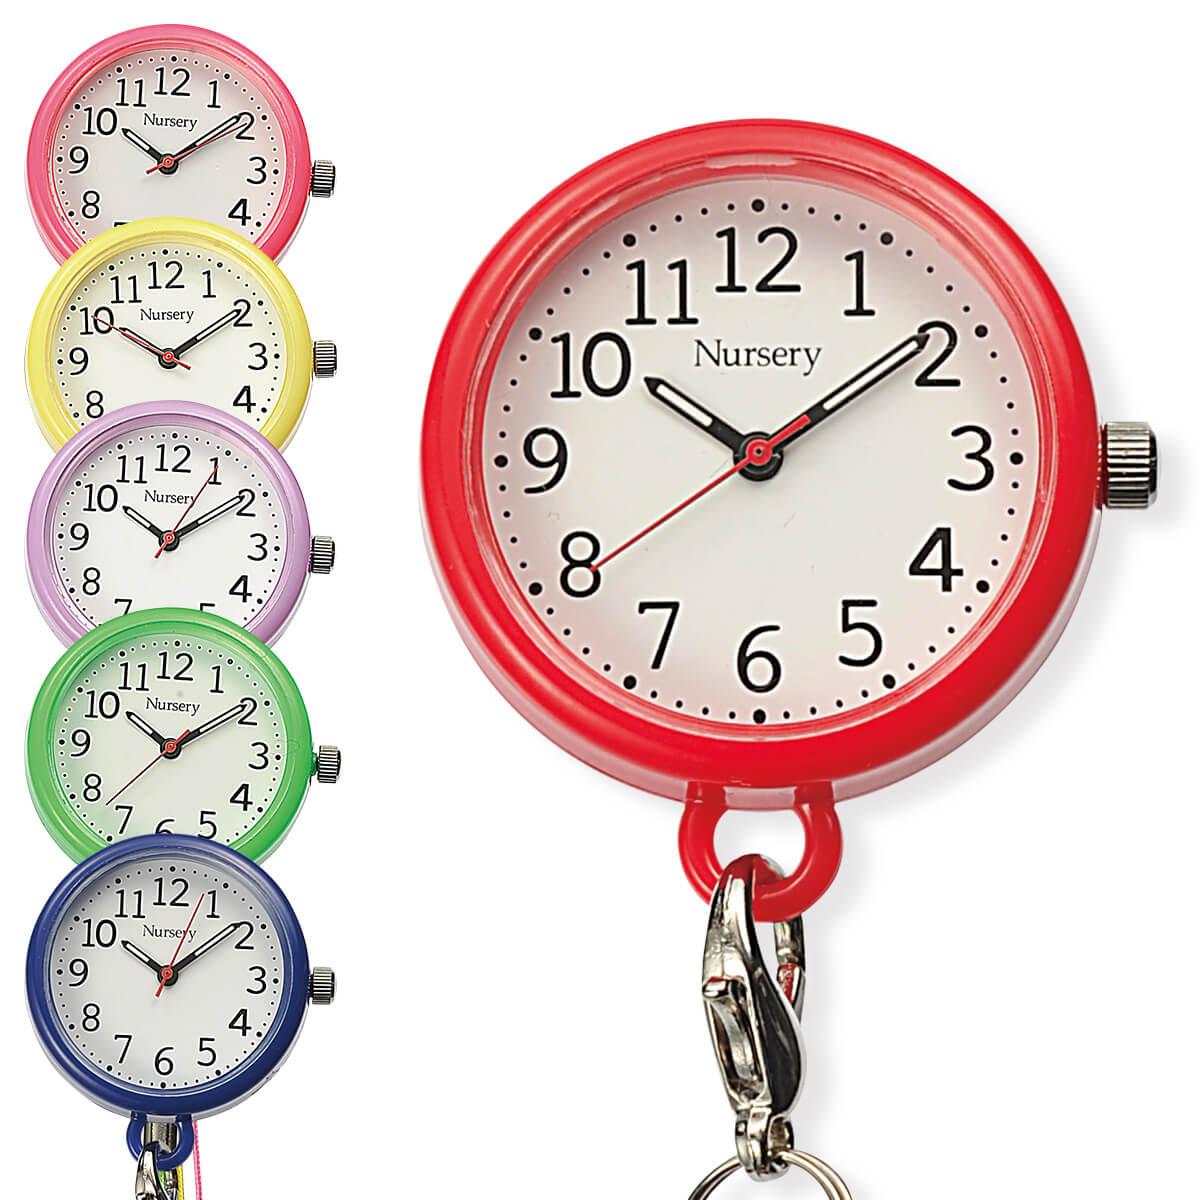 13716 カラバリ軽量ウォッチ【ナース 小物 グッズ 看護 医療 ウォッチ 時計】